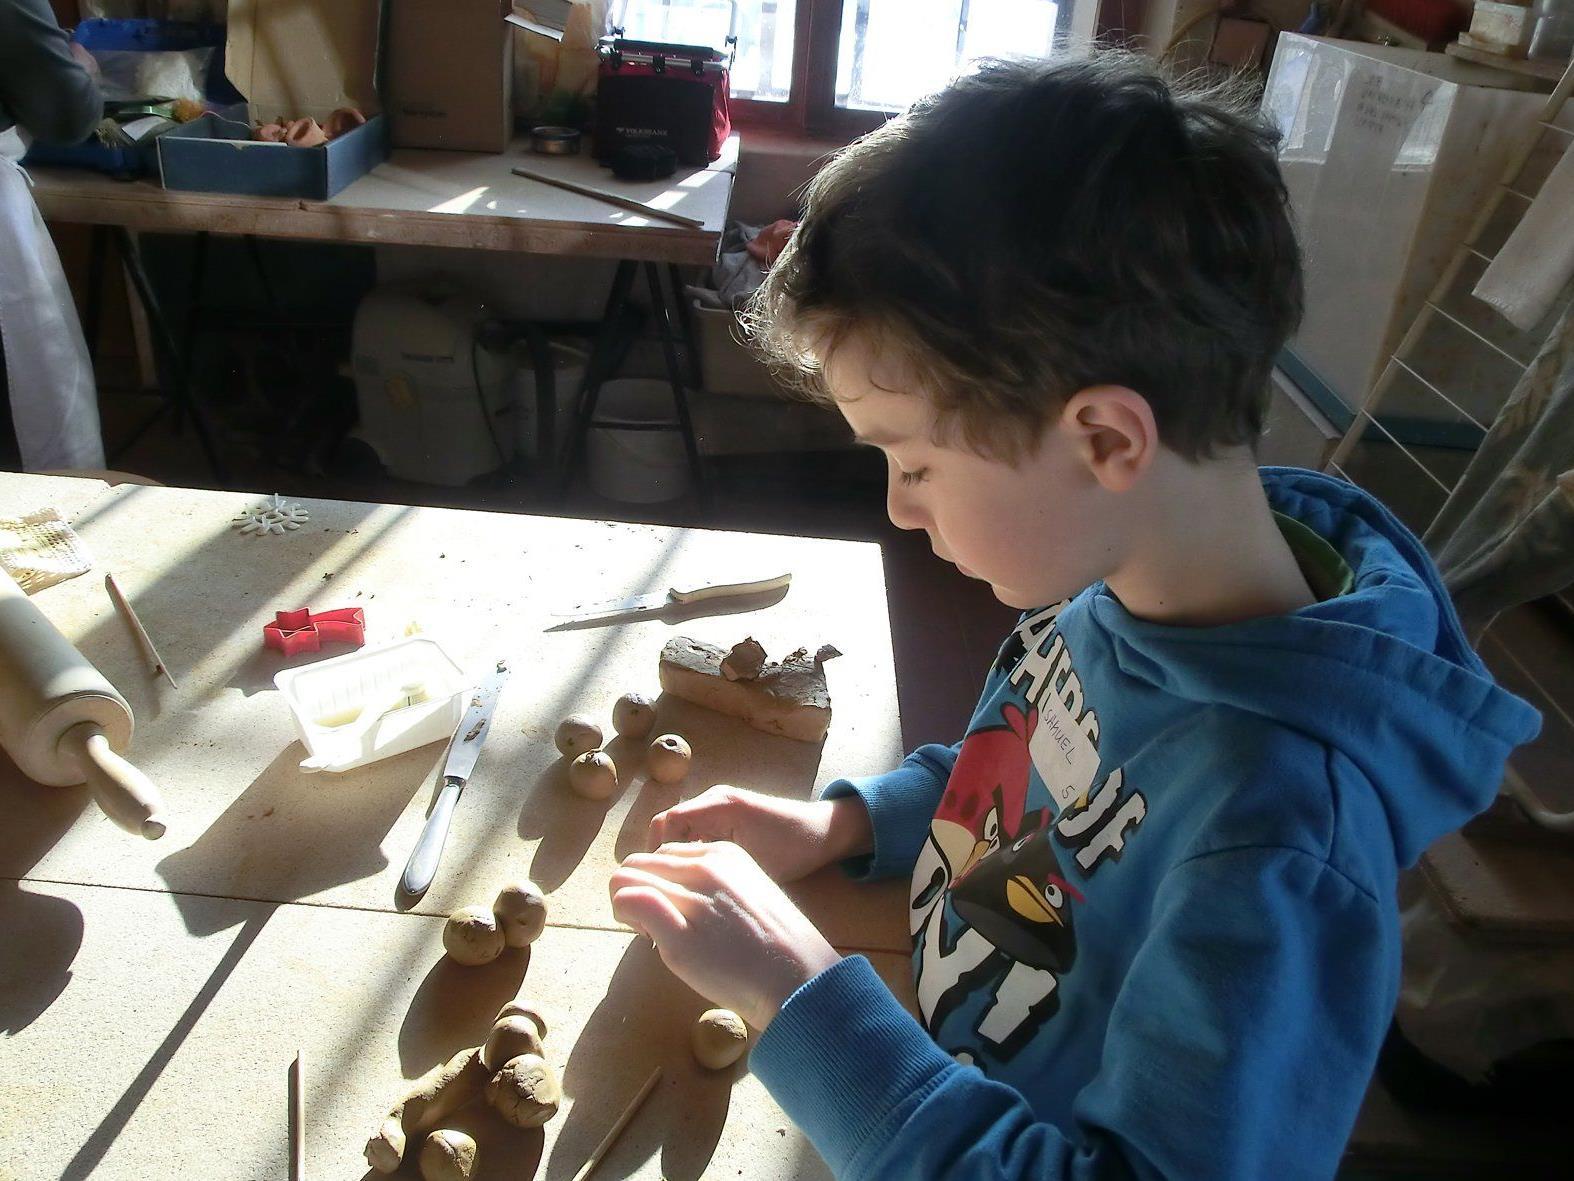 Kunstwerke aus Ton werden am 13. und 14. Juli im Schlosserhus Rankweil gefertigt.